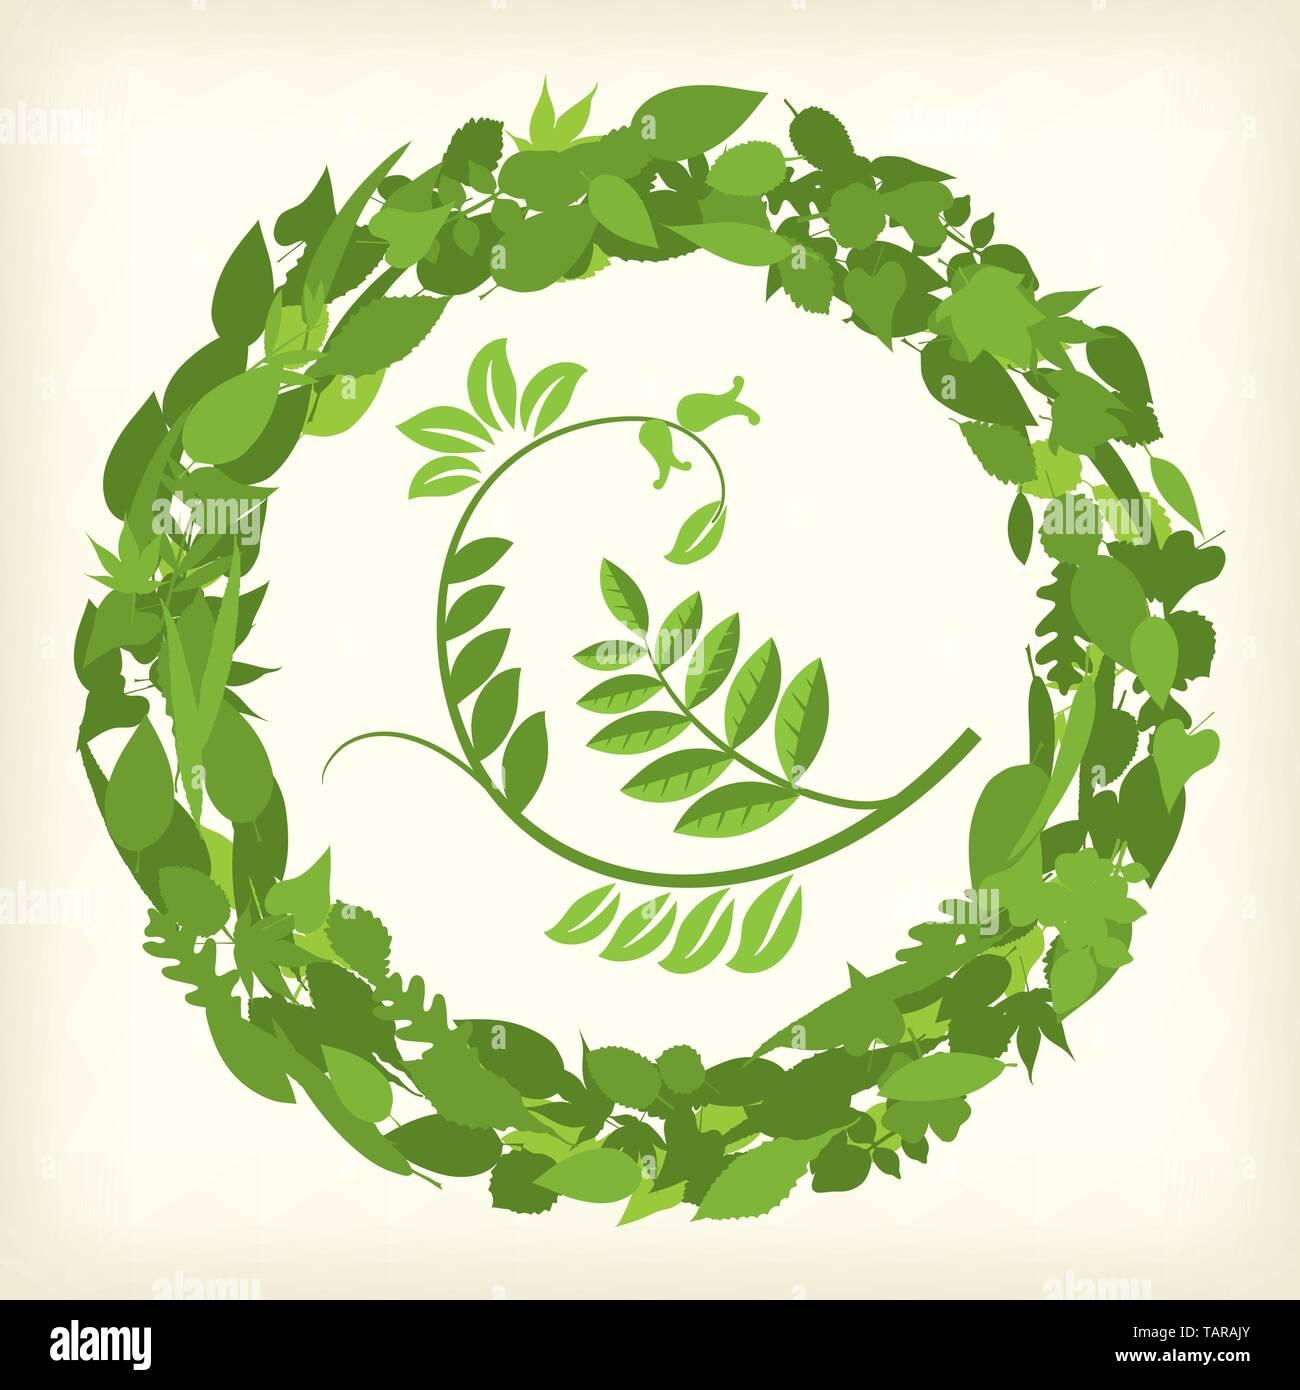 Banner circular de ramas y hojas. Ilustración vectorial. eps10. Imagen De Stock